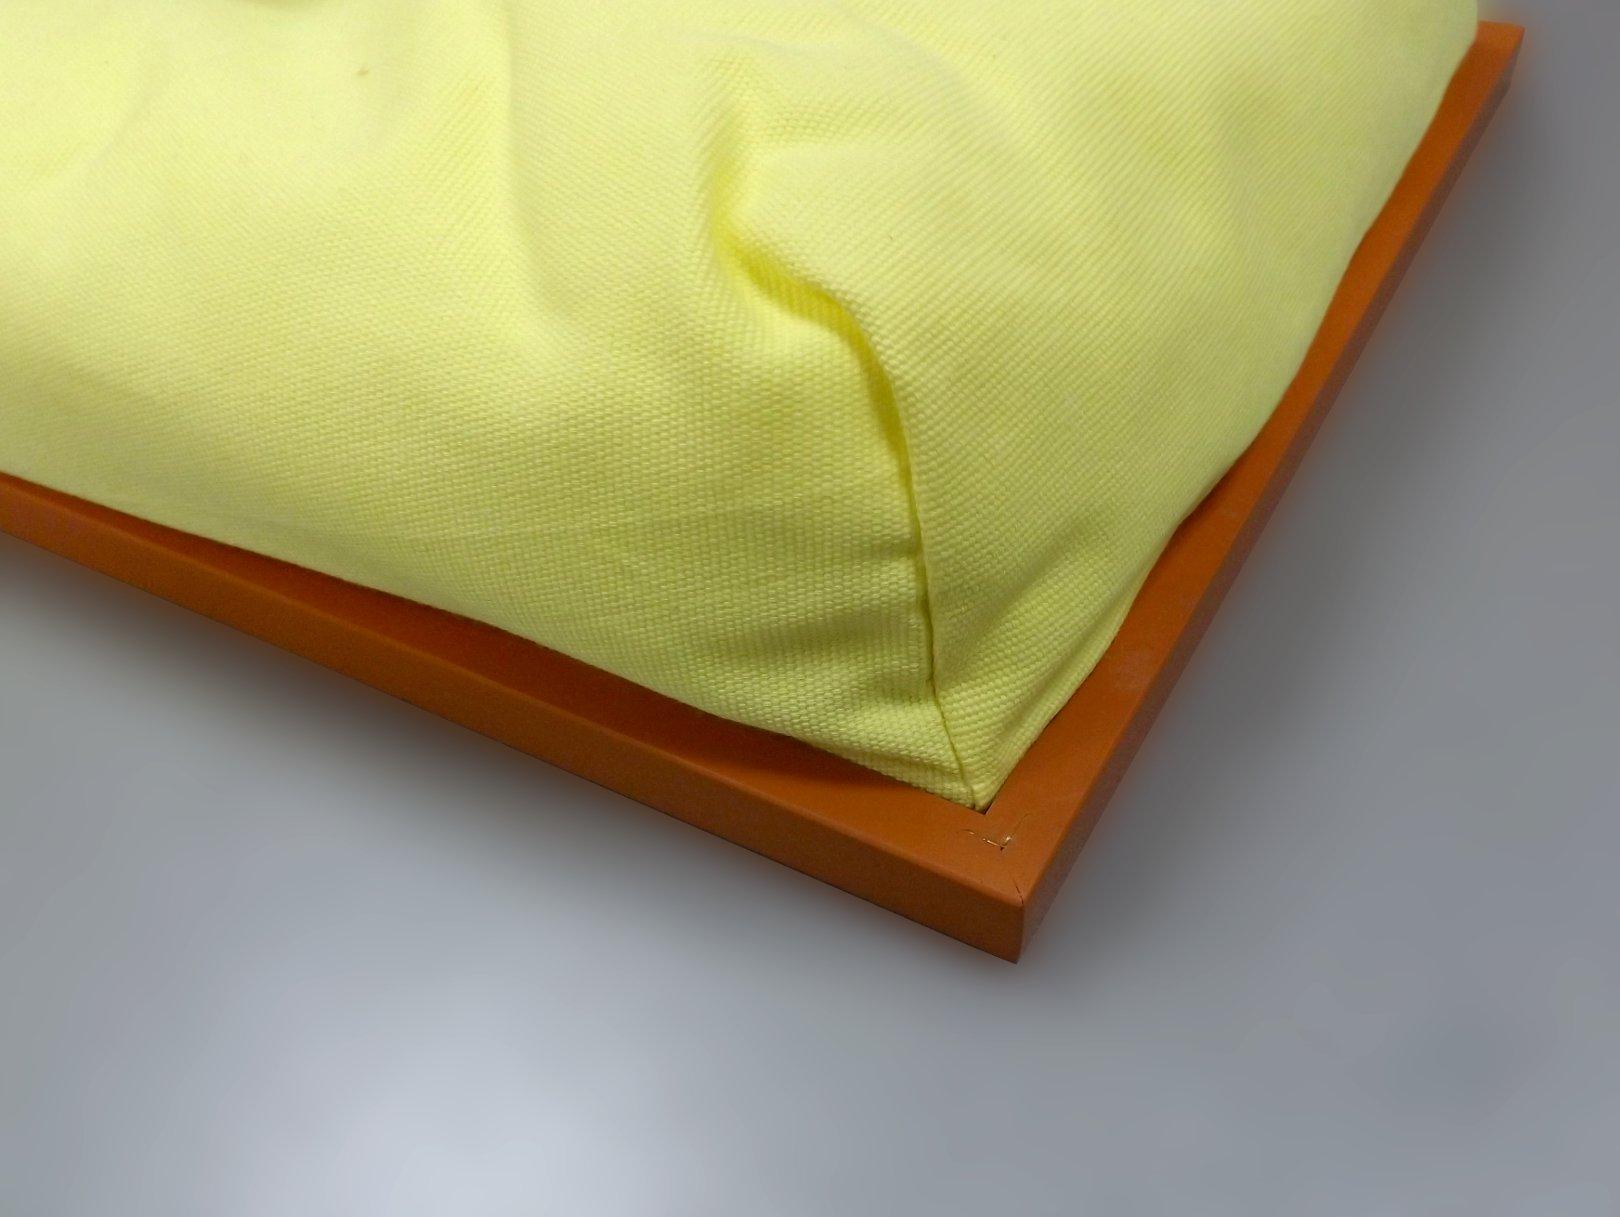 Обратная сторона подноса на подушке со стилизованным рисунком на кондитерскую тему от Top Art Studio